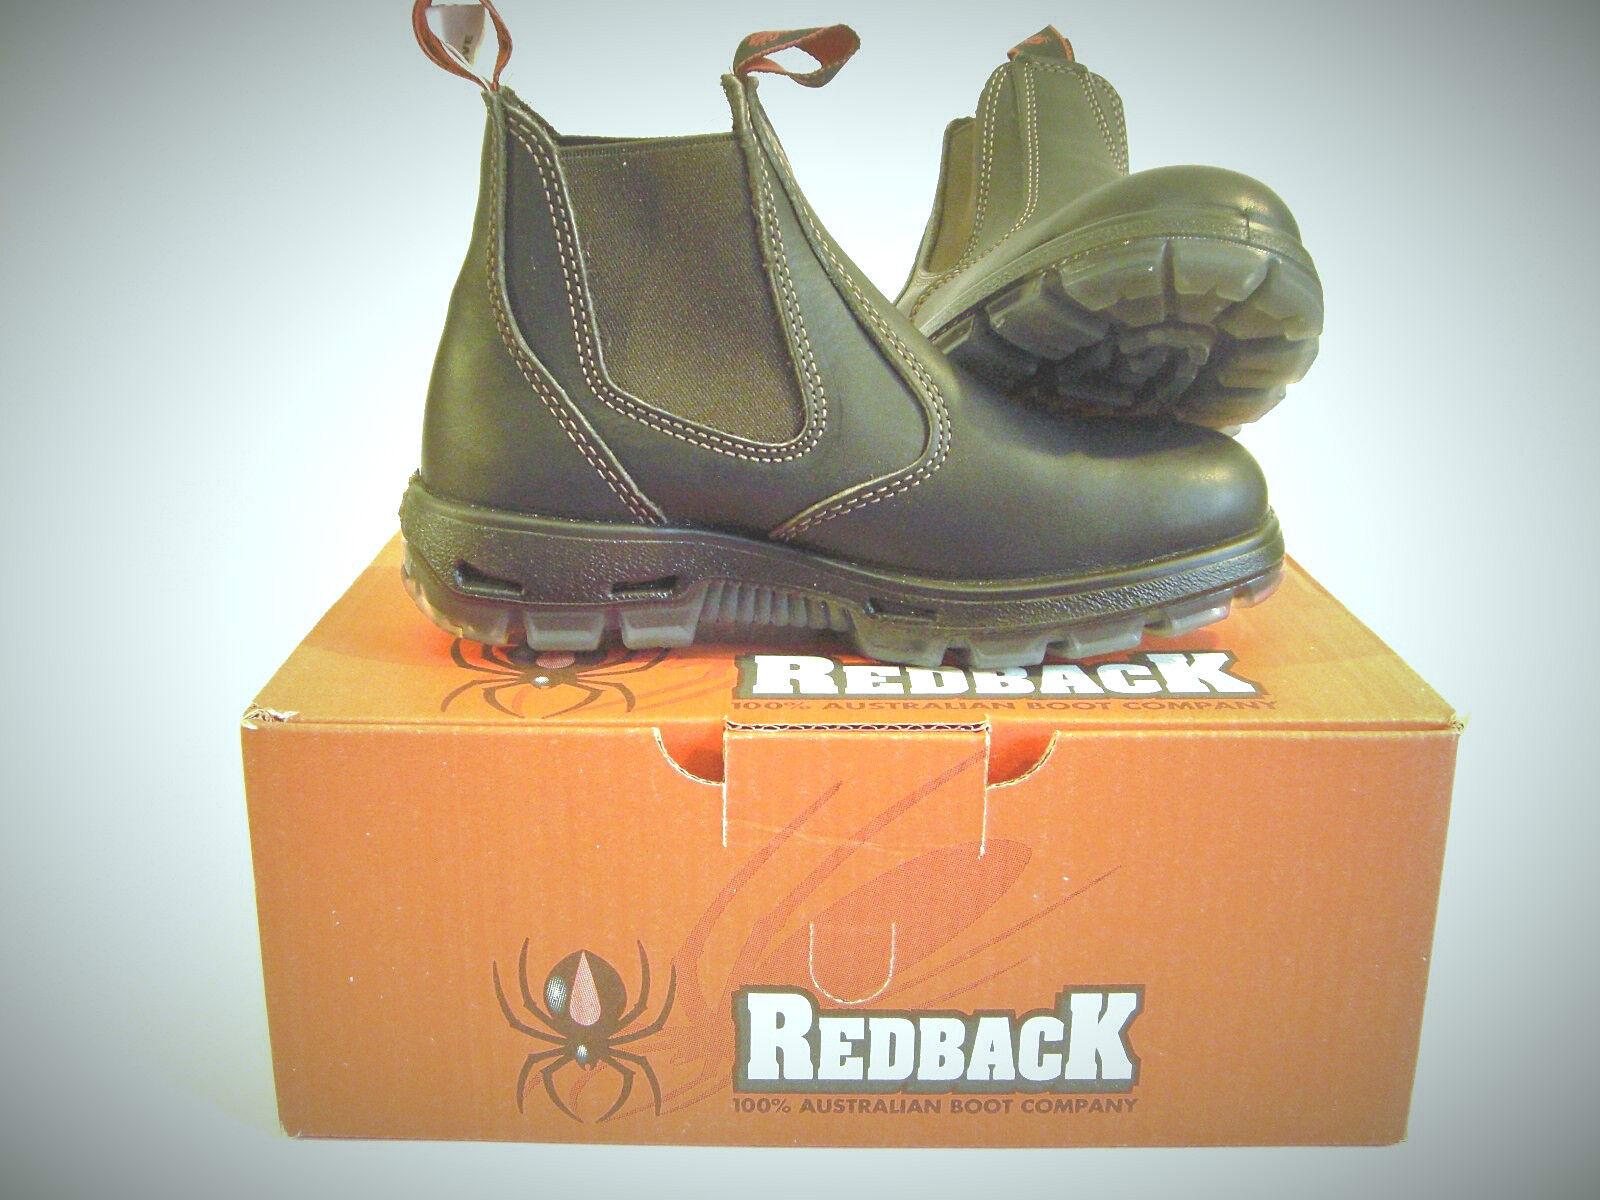 AUSTRALIANA rojoback botas botines botas de trabajo comididad ubok Marrón Marrón Marrón 02b82b